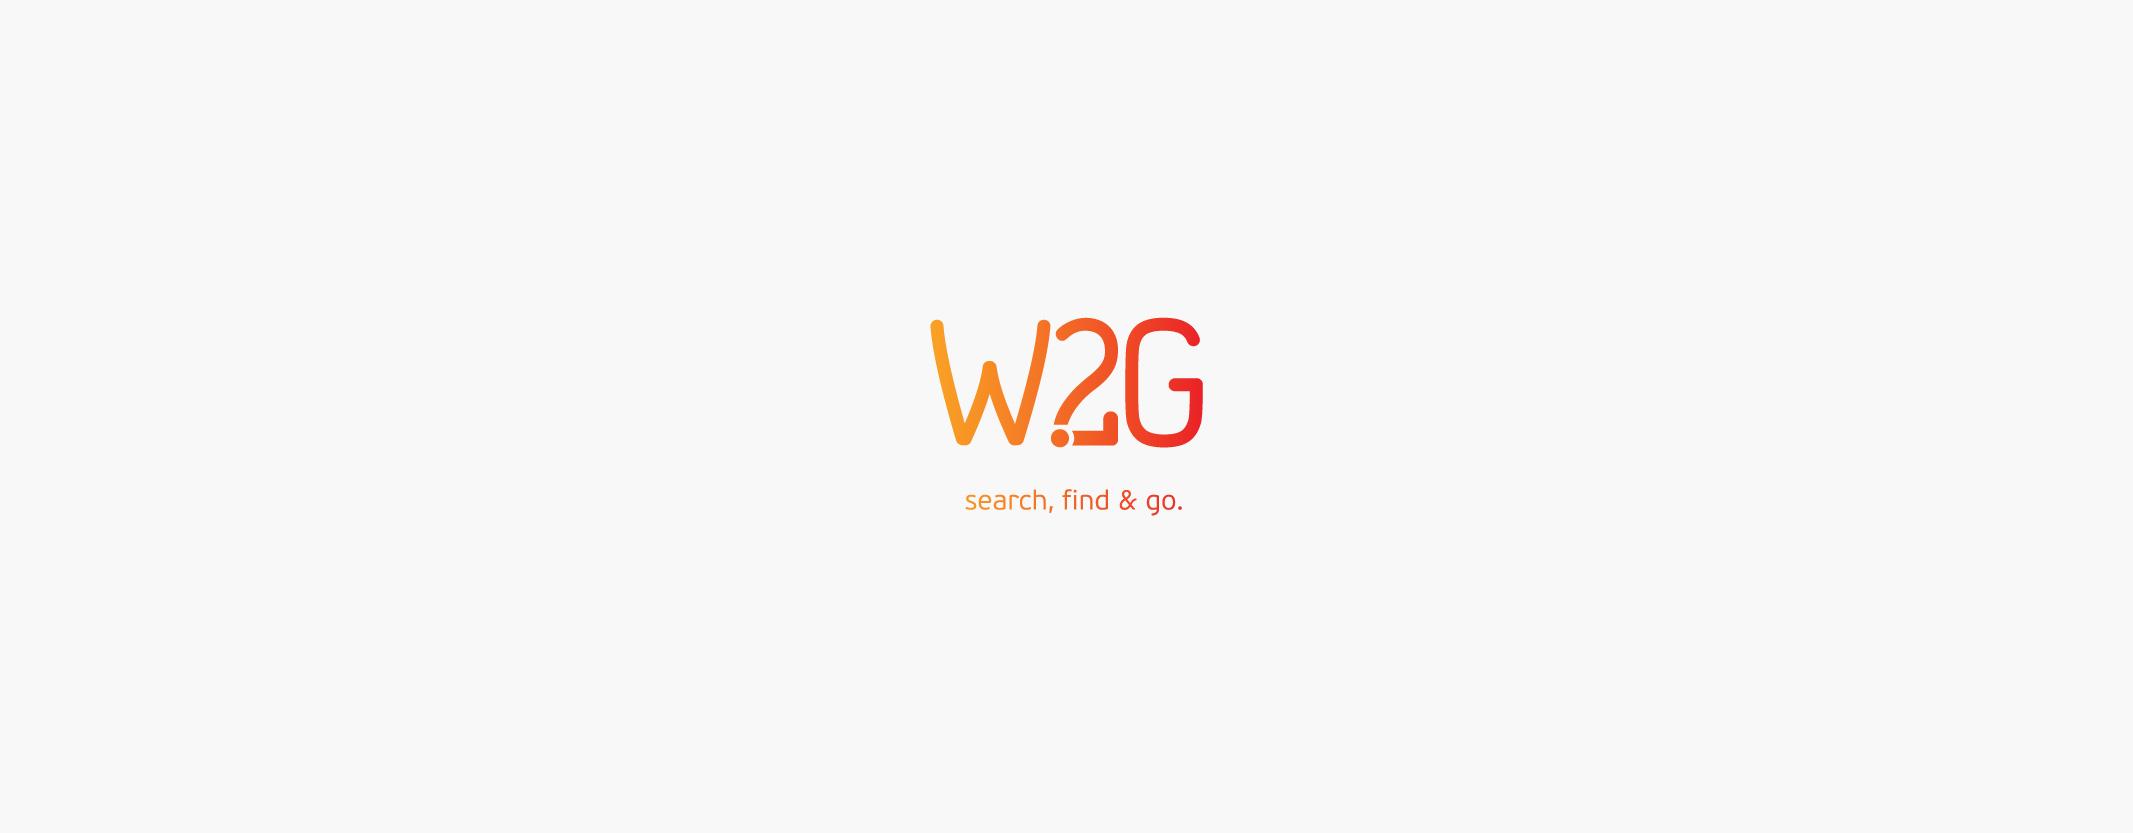 61_logos_w2g